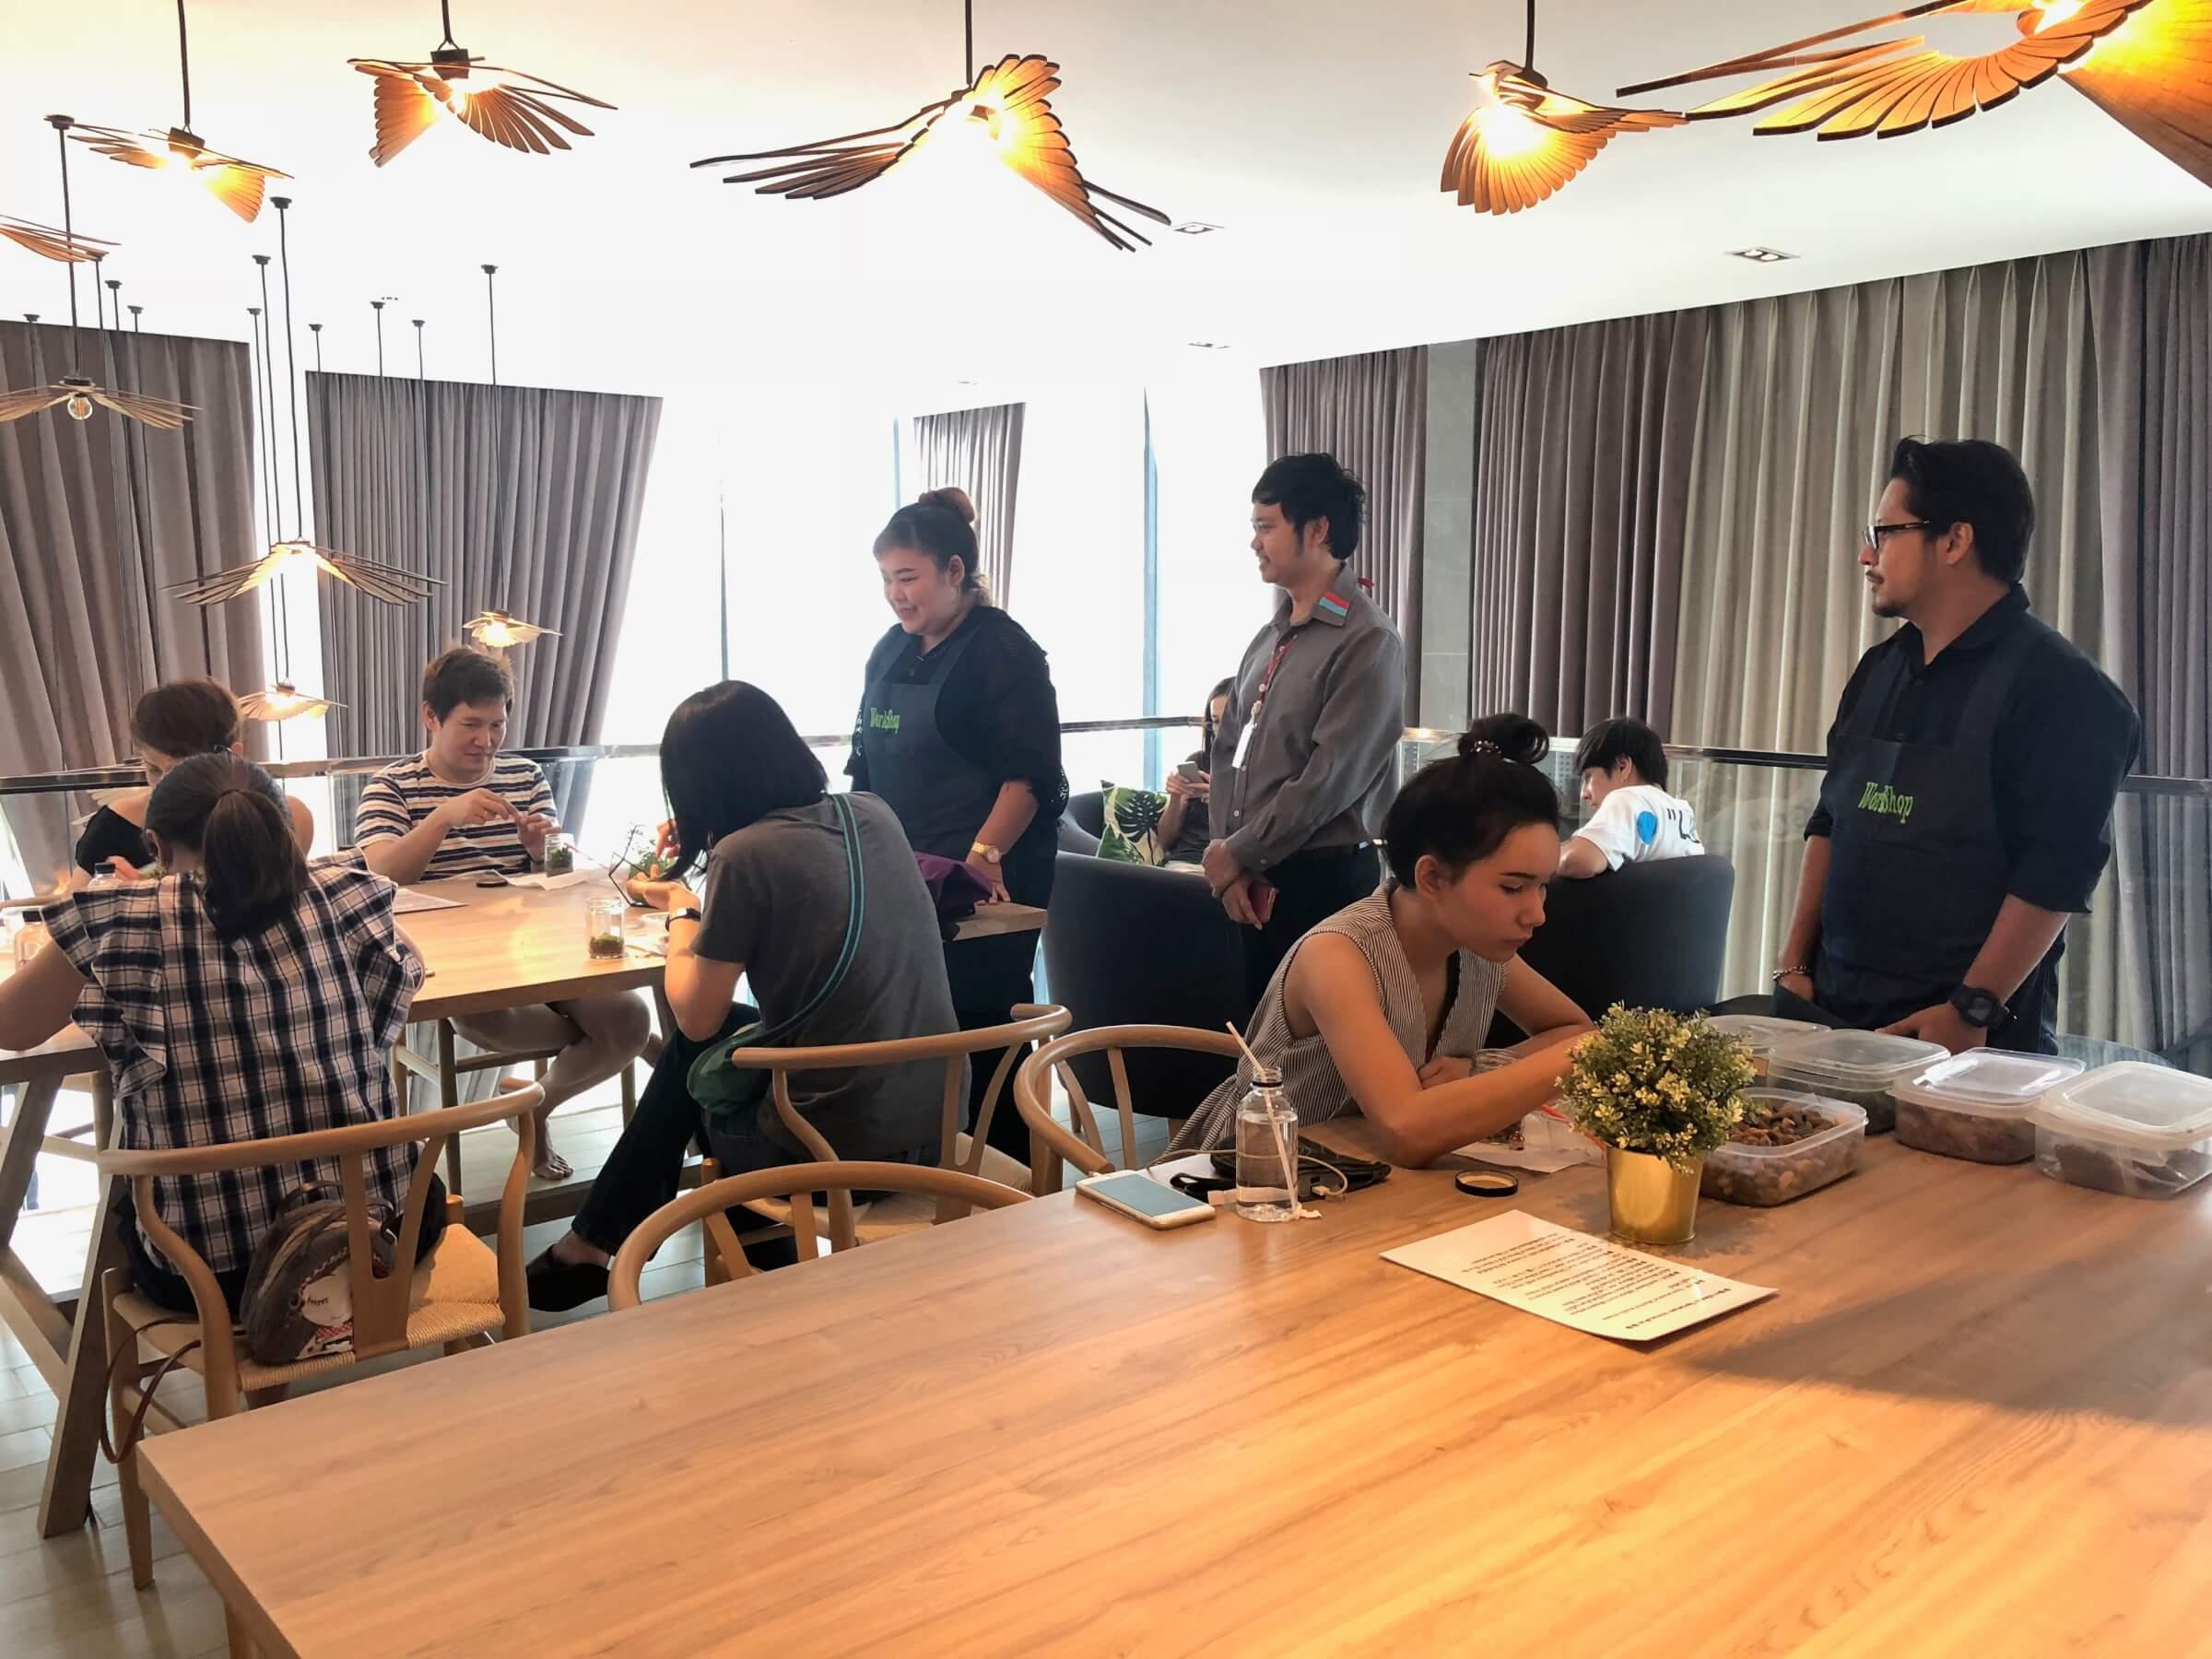 รวมภาพบรรยากาศกิจกรรมพิเศษ Terrarium Workshop